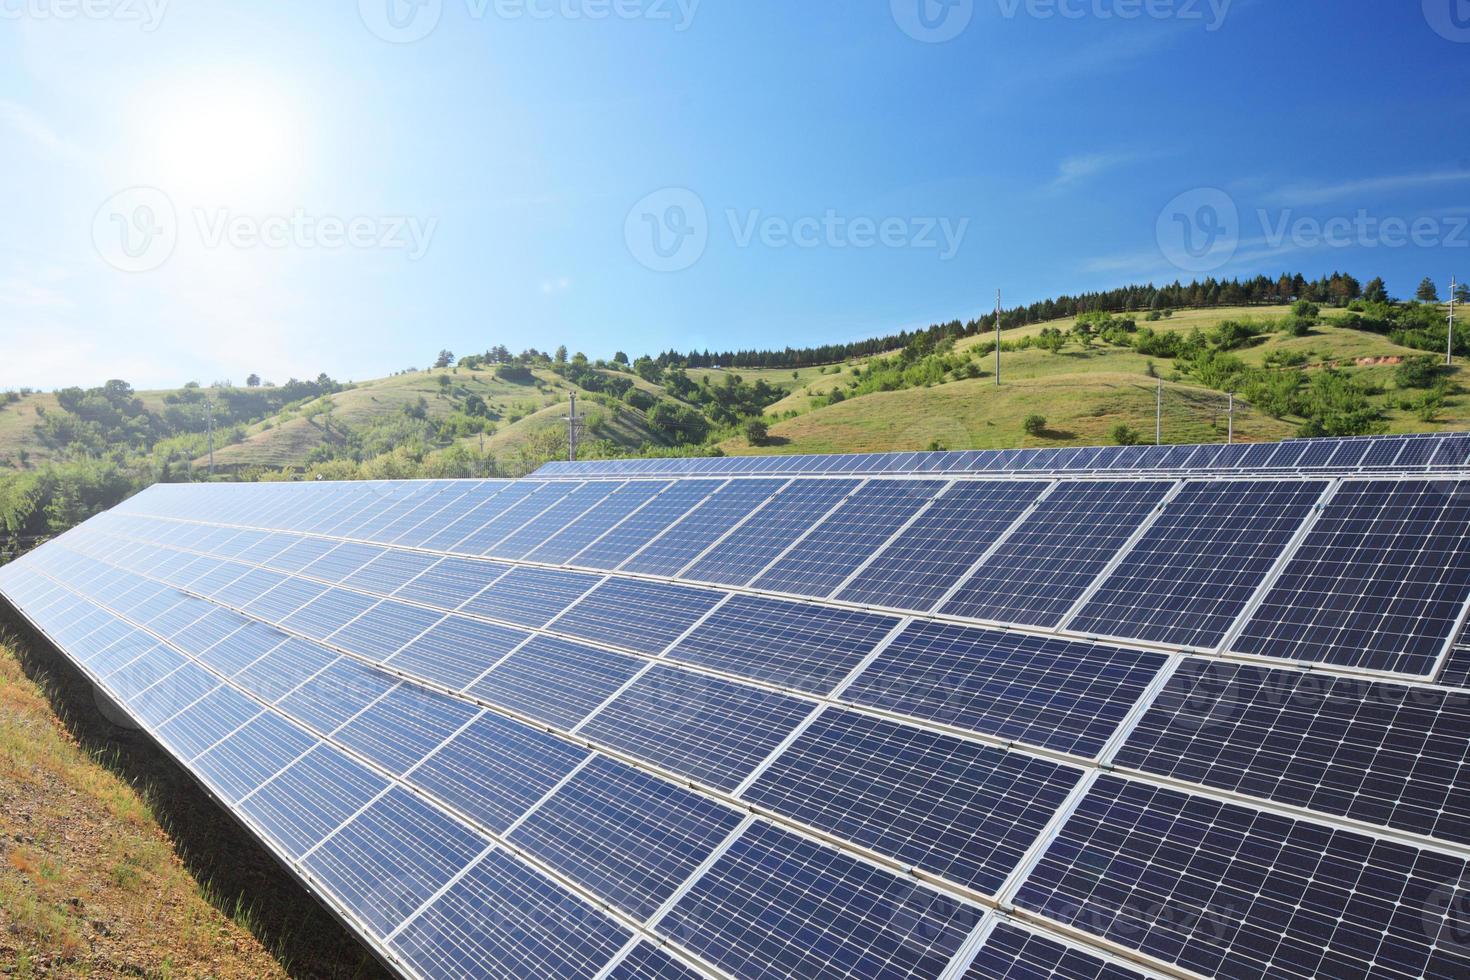 pannelli solari fotovoltaici sotto il cielo soleggiato foto